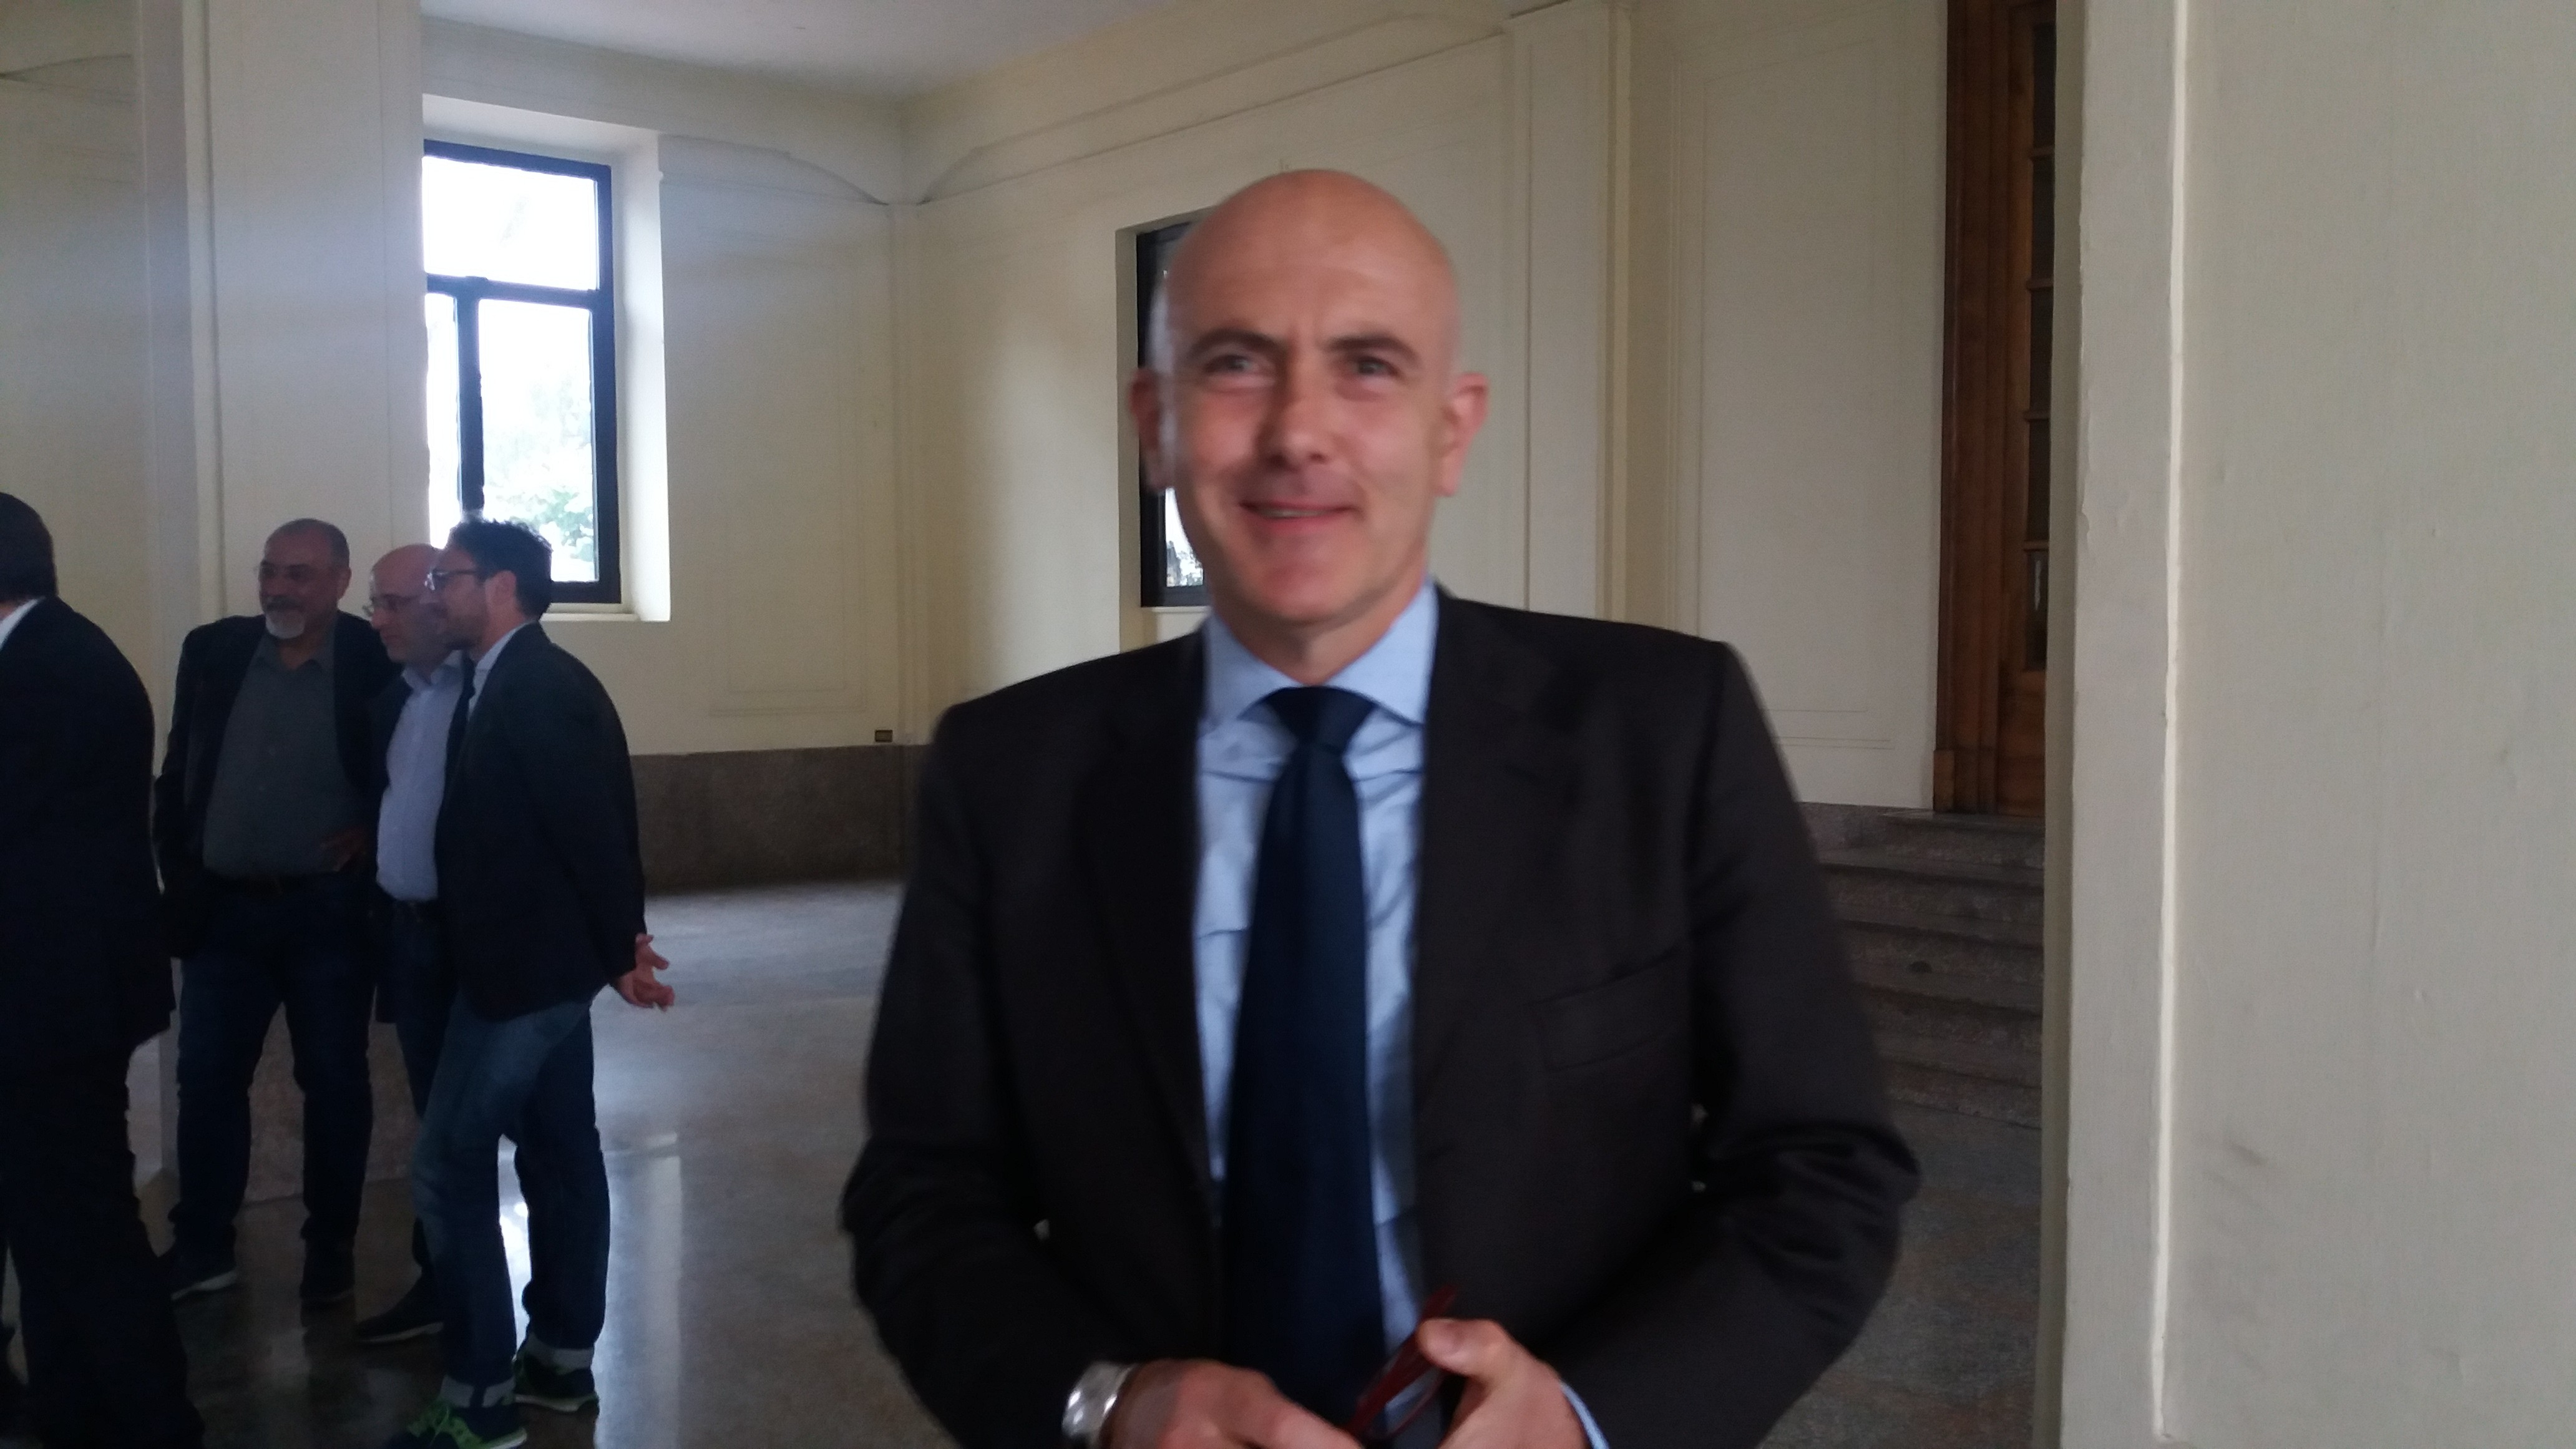 Benevento| Referendum, Sottosegretario Alfano a Benevento